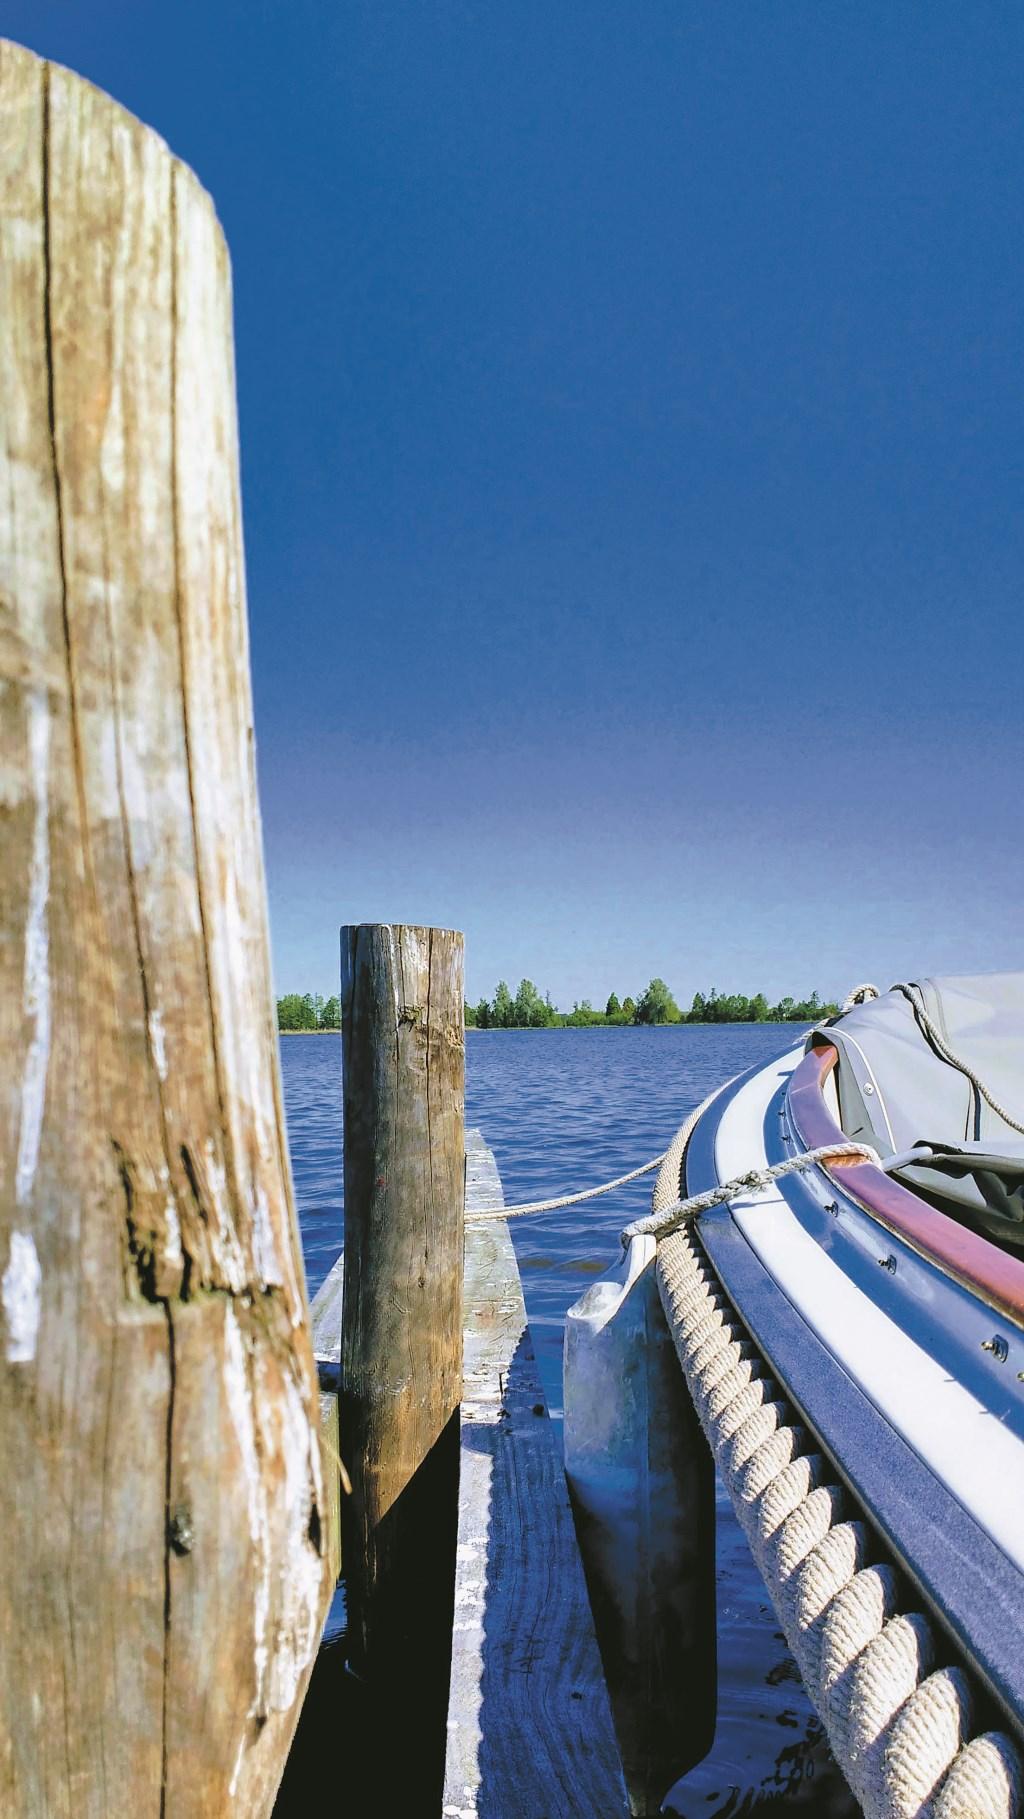 Vakantiedagje heel dichtbij huis, met de boot op de Elfhoevenplas.  Beeld: Monika Heinsbroek  © Graficelly B.V.